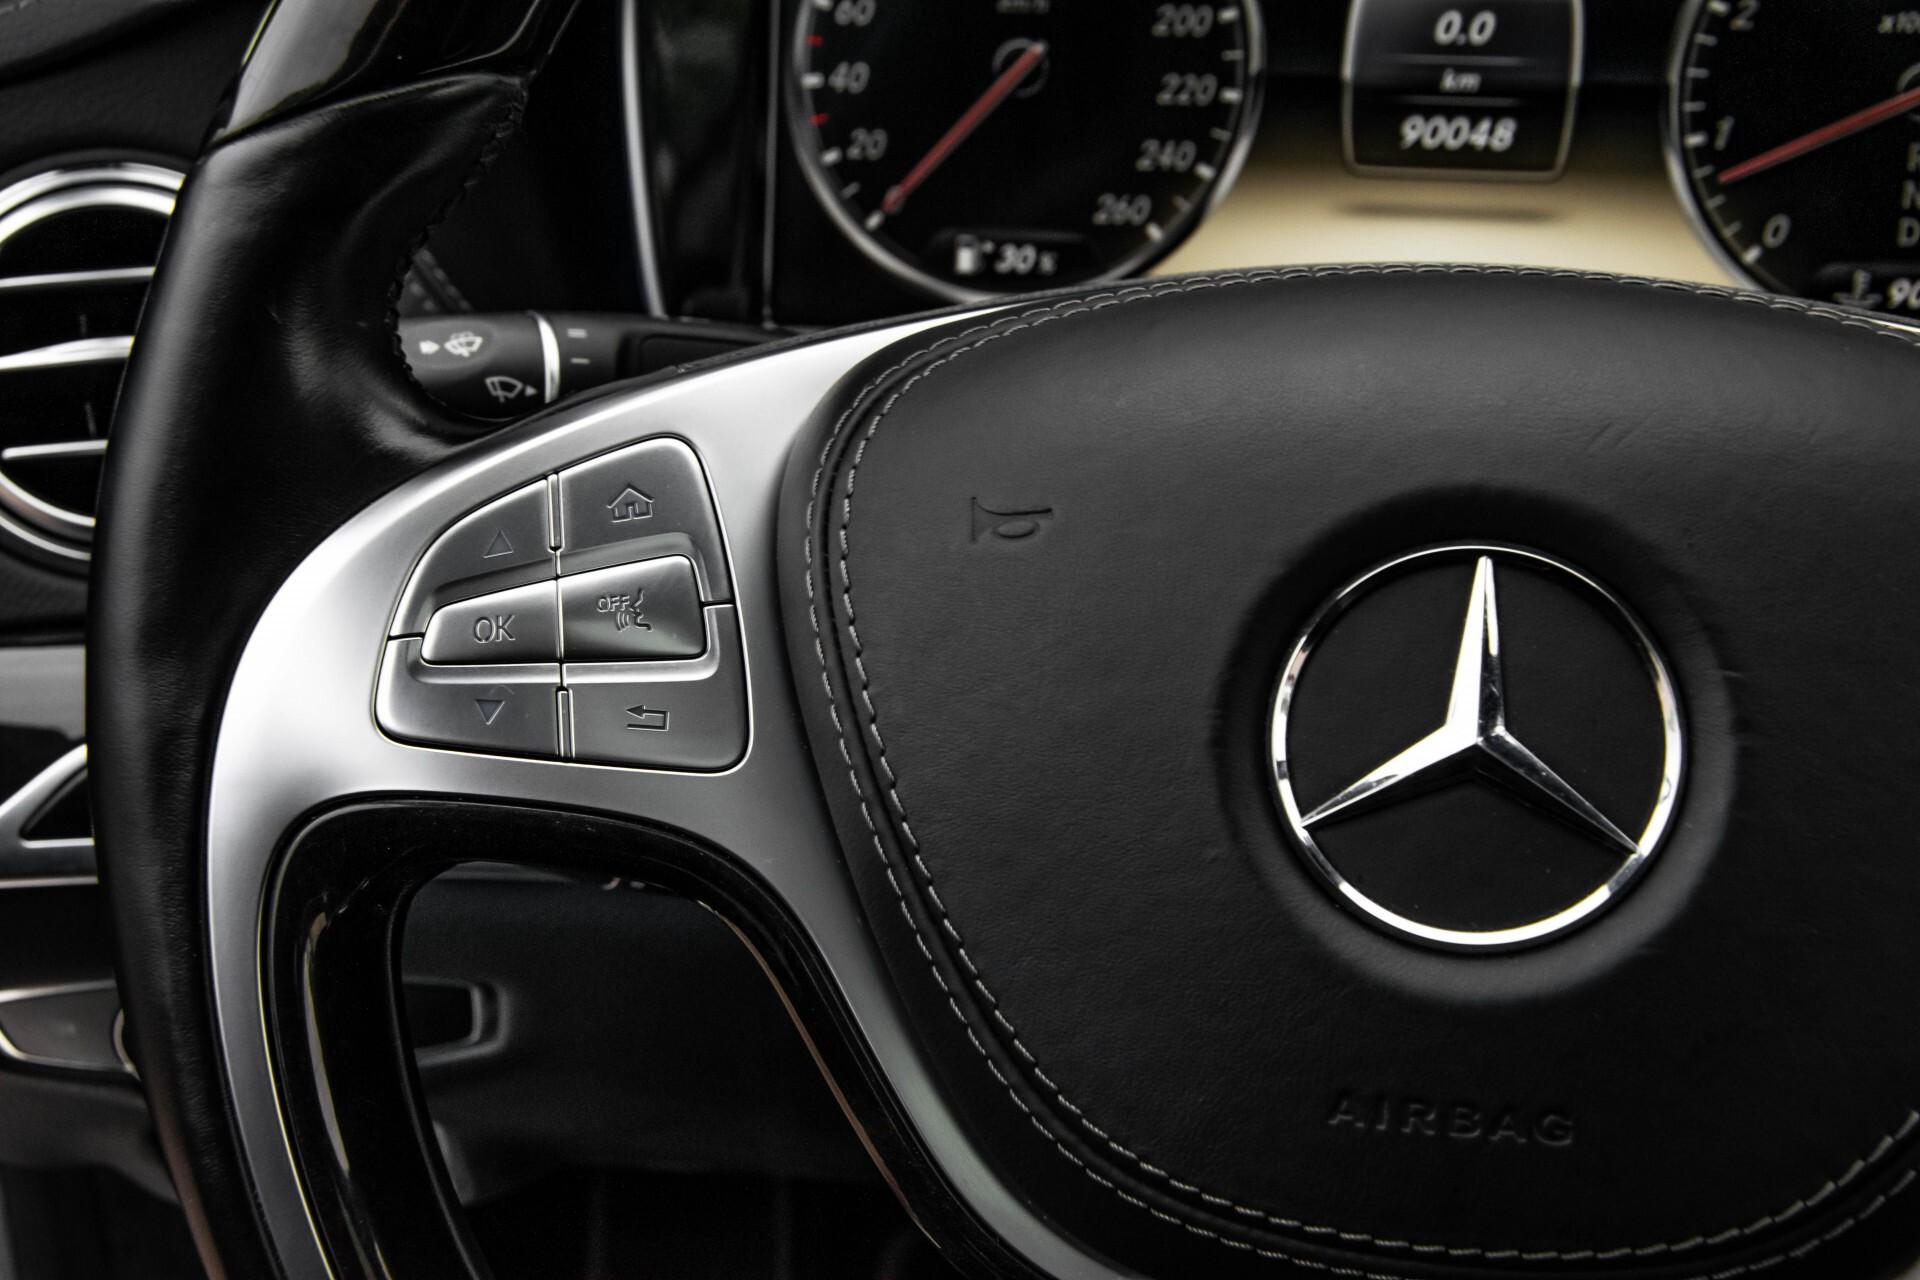 Mercedes-Benz S-Klasse 500 4-M AMG Panorama/Standkachel/Massage/Entertainment/TV Aut7 Foto 10